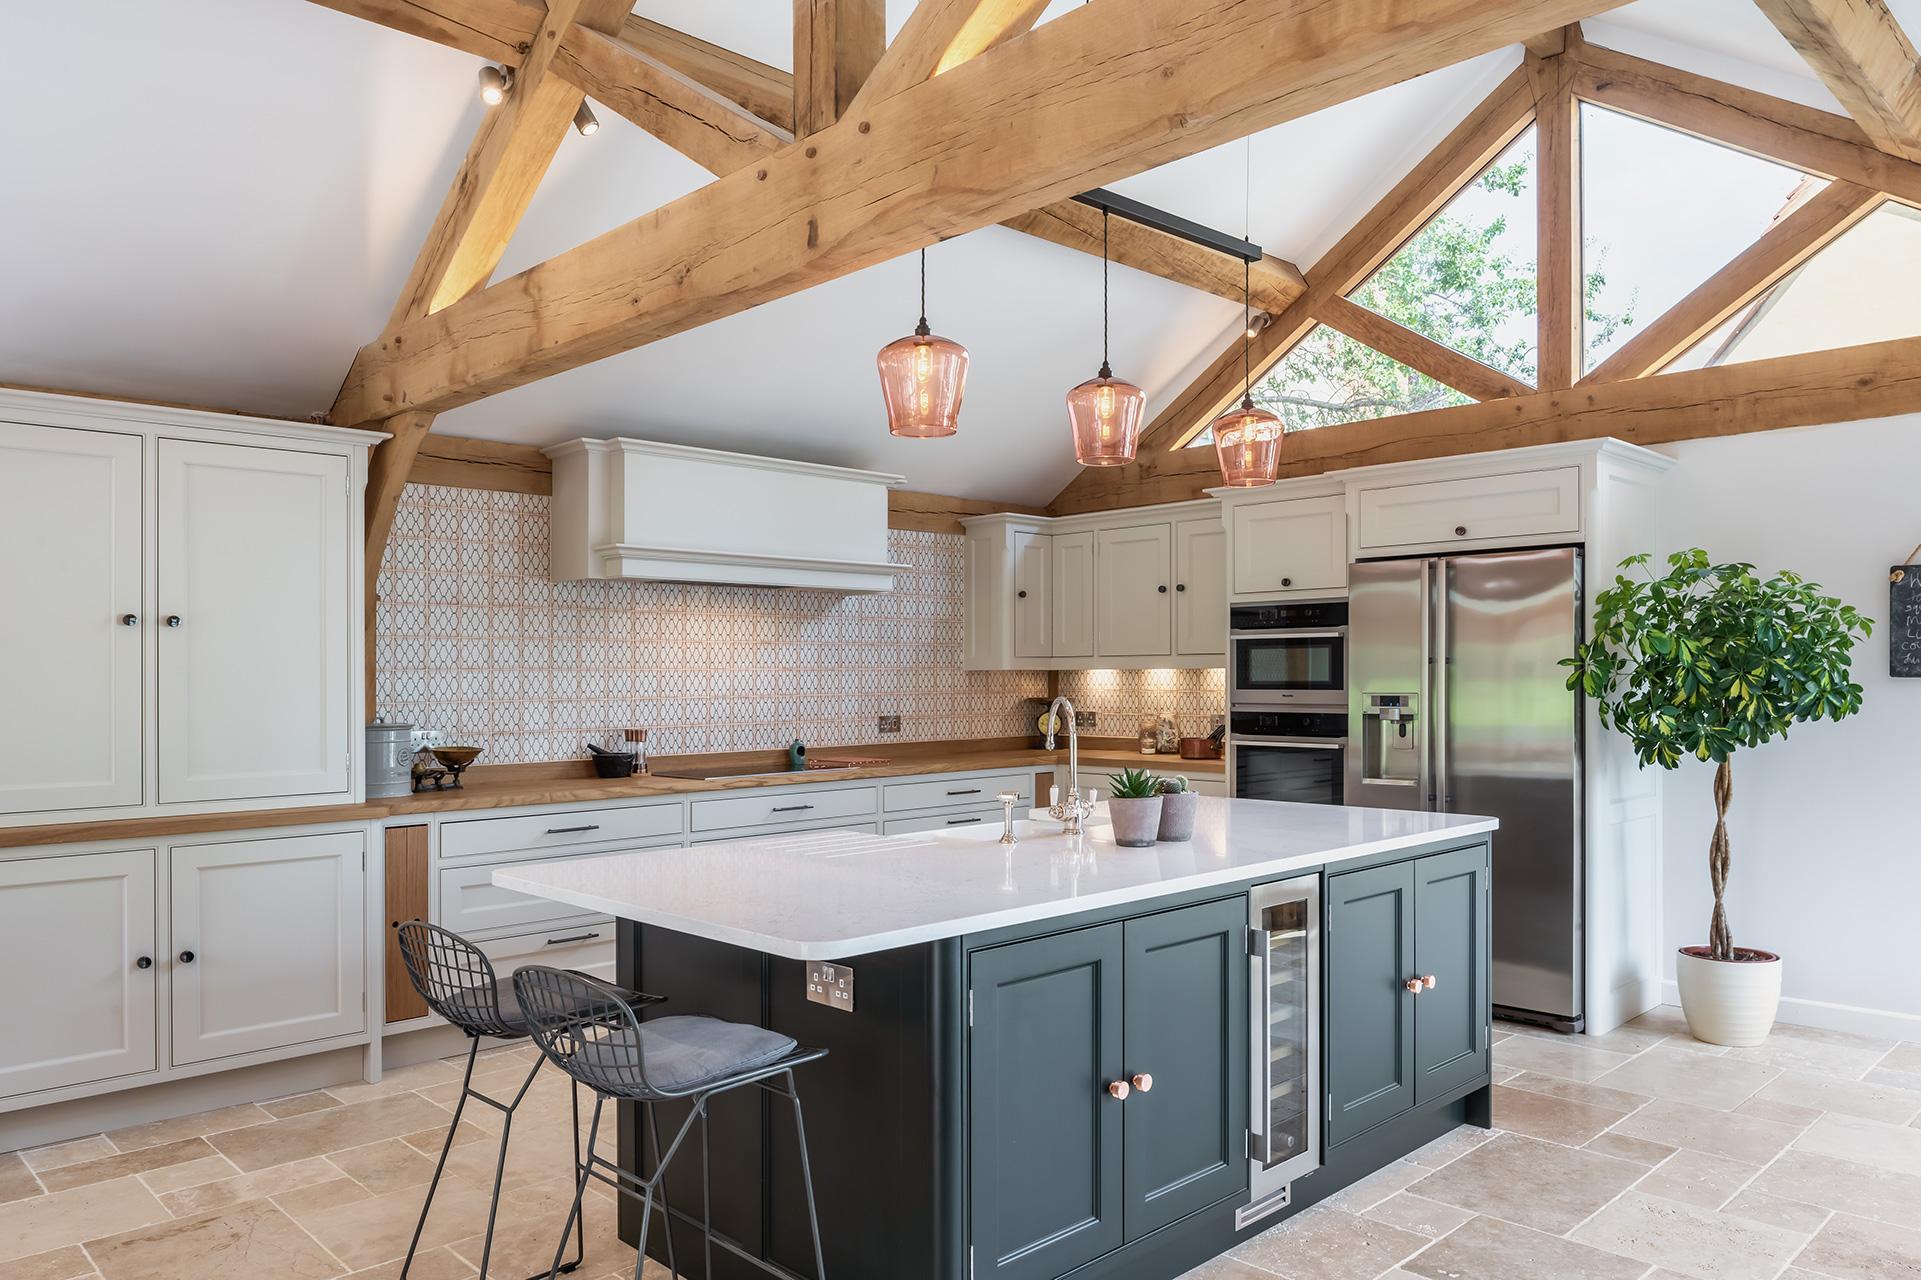 Hollybush Cottage - Internal - After